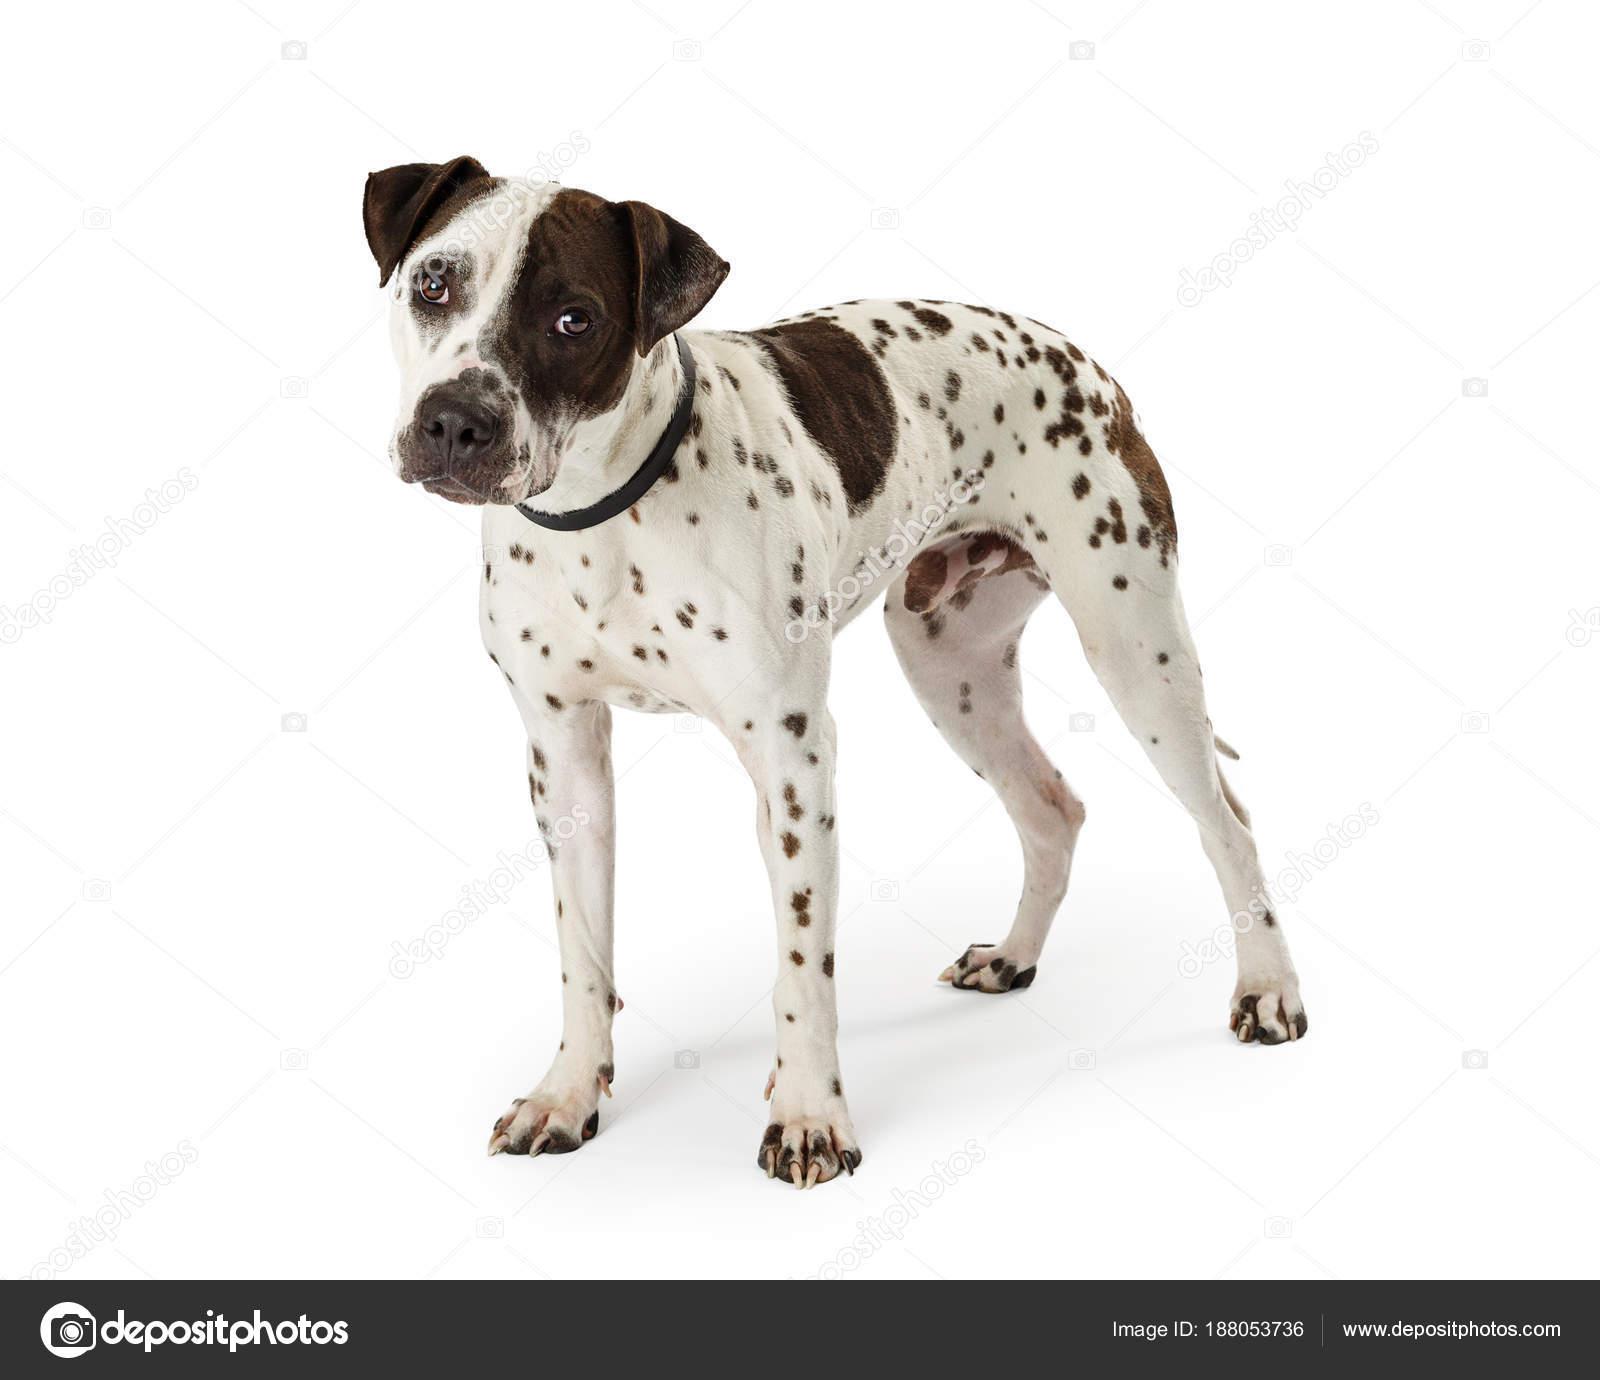 собака белая с черными пятнами какая порода